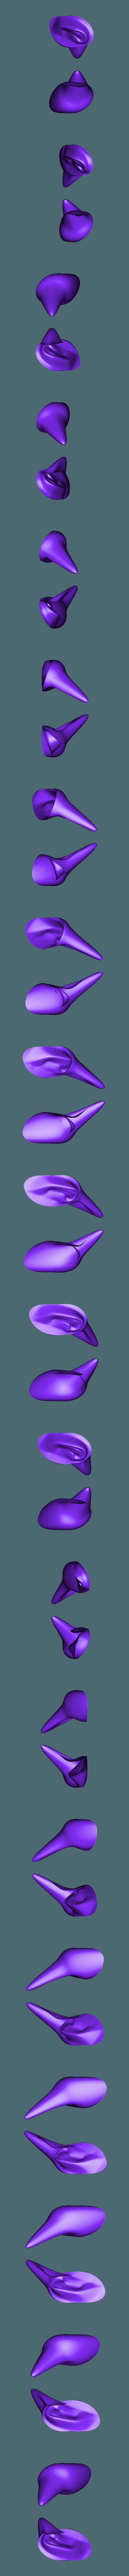 elfear_rev1.stl Télécharger fichier STL gratuit Poupée articulée à aimant style Kasca_Pièces allongées_Elfear • Plan pour impression 3D, all-kasca